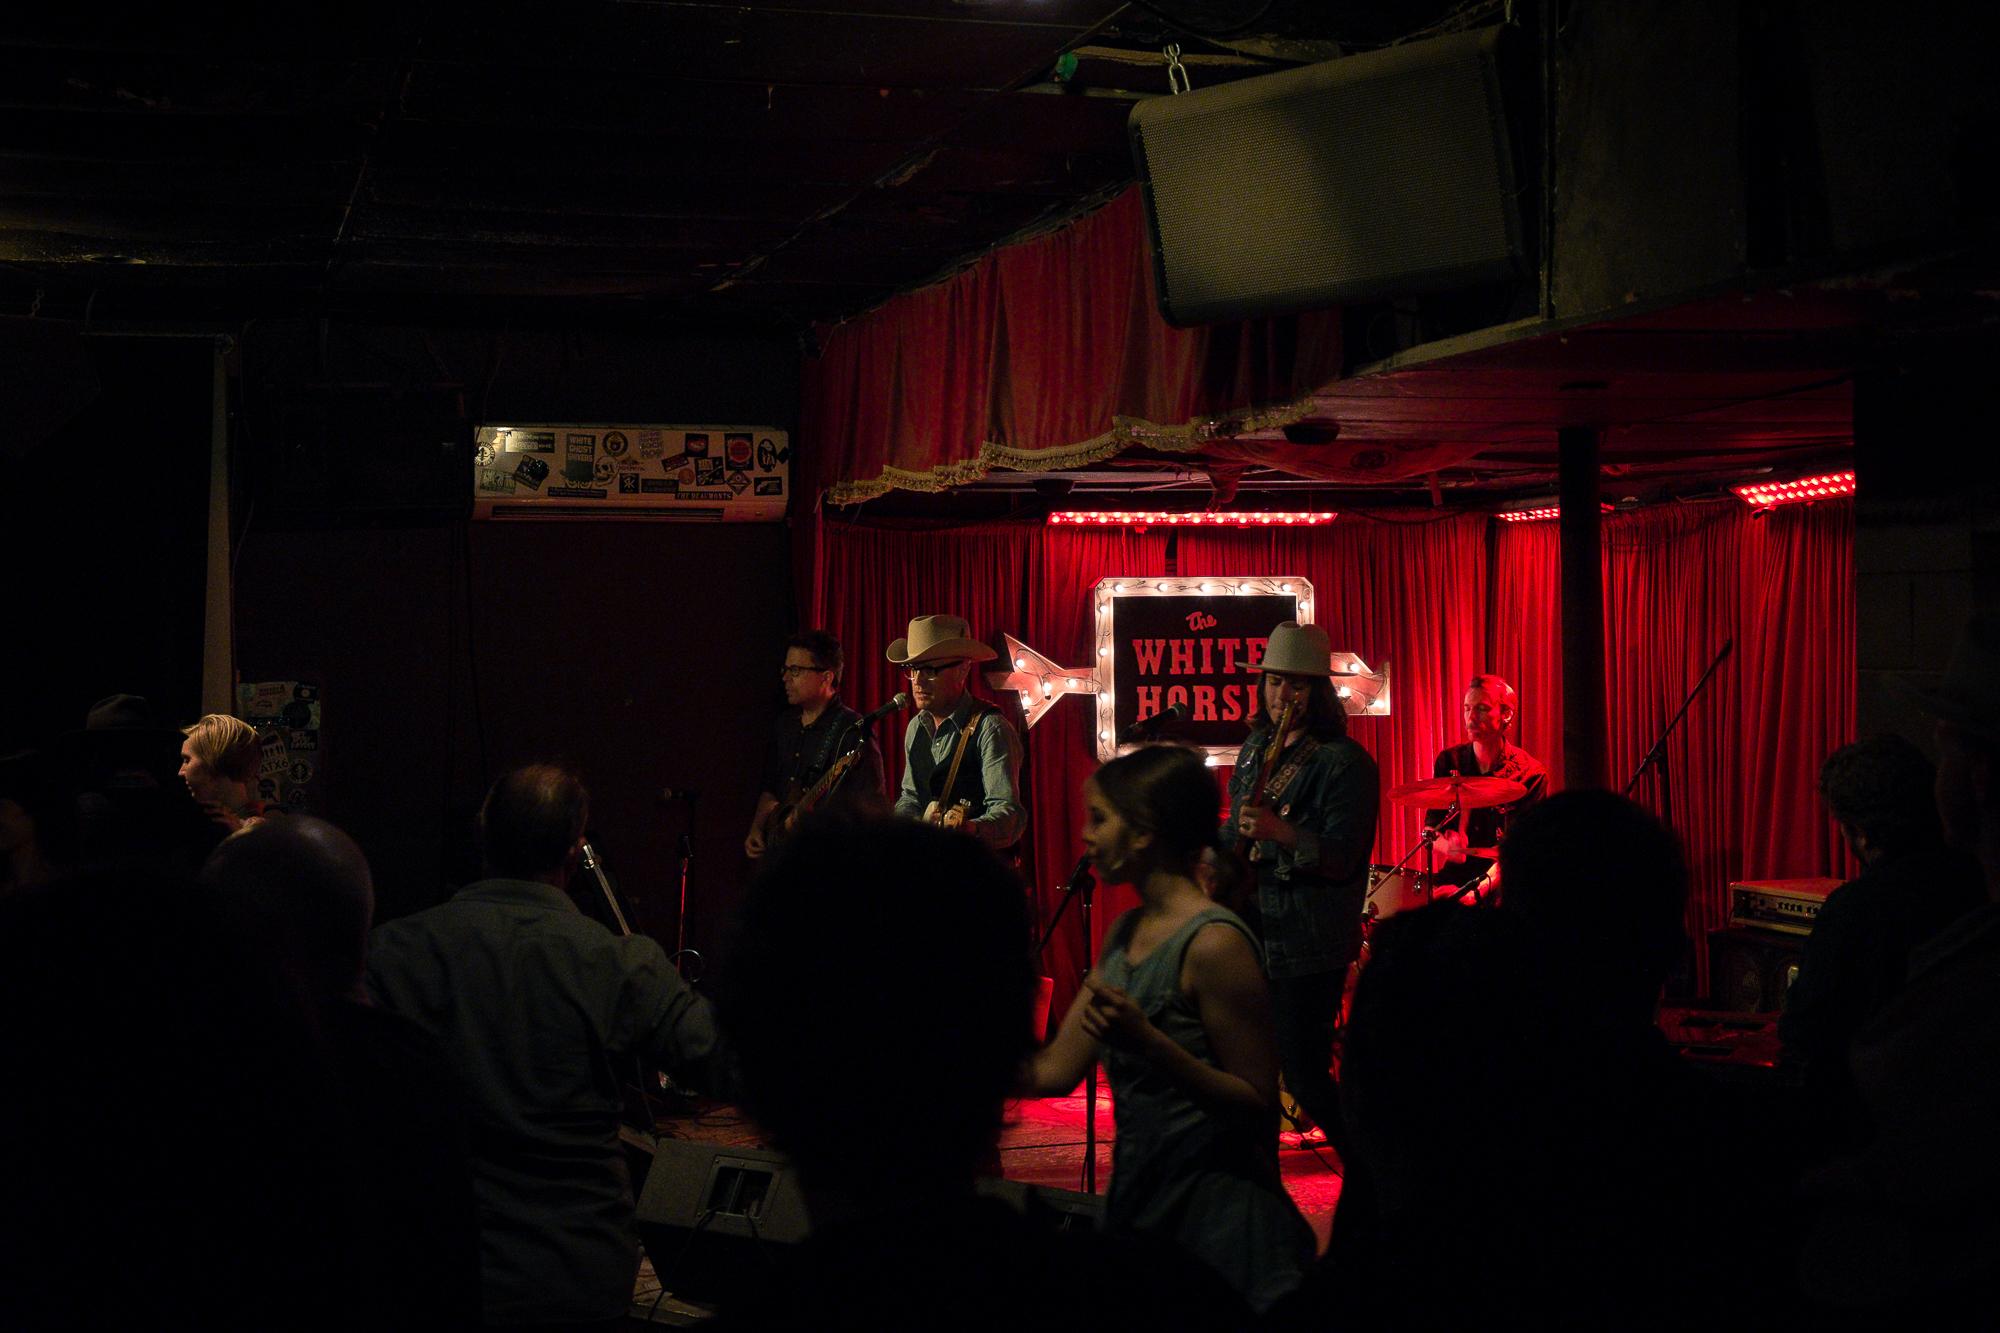 Pessoas dançando ao som de uma banda de música country.